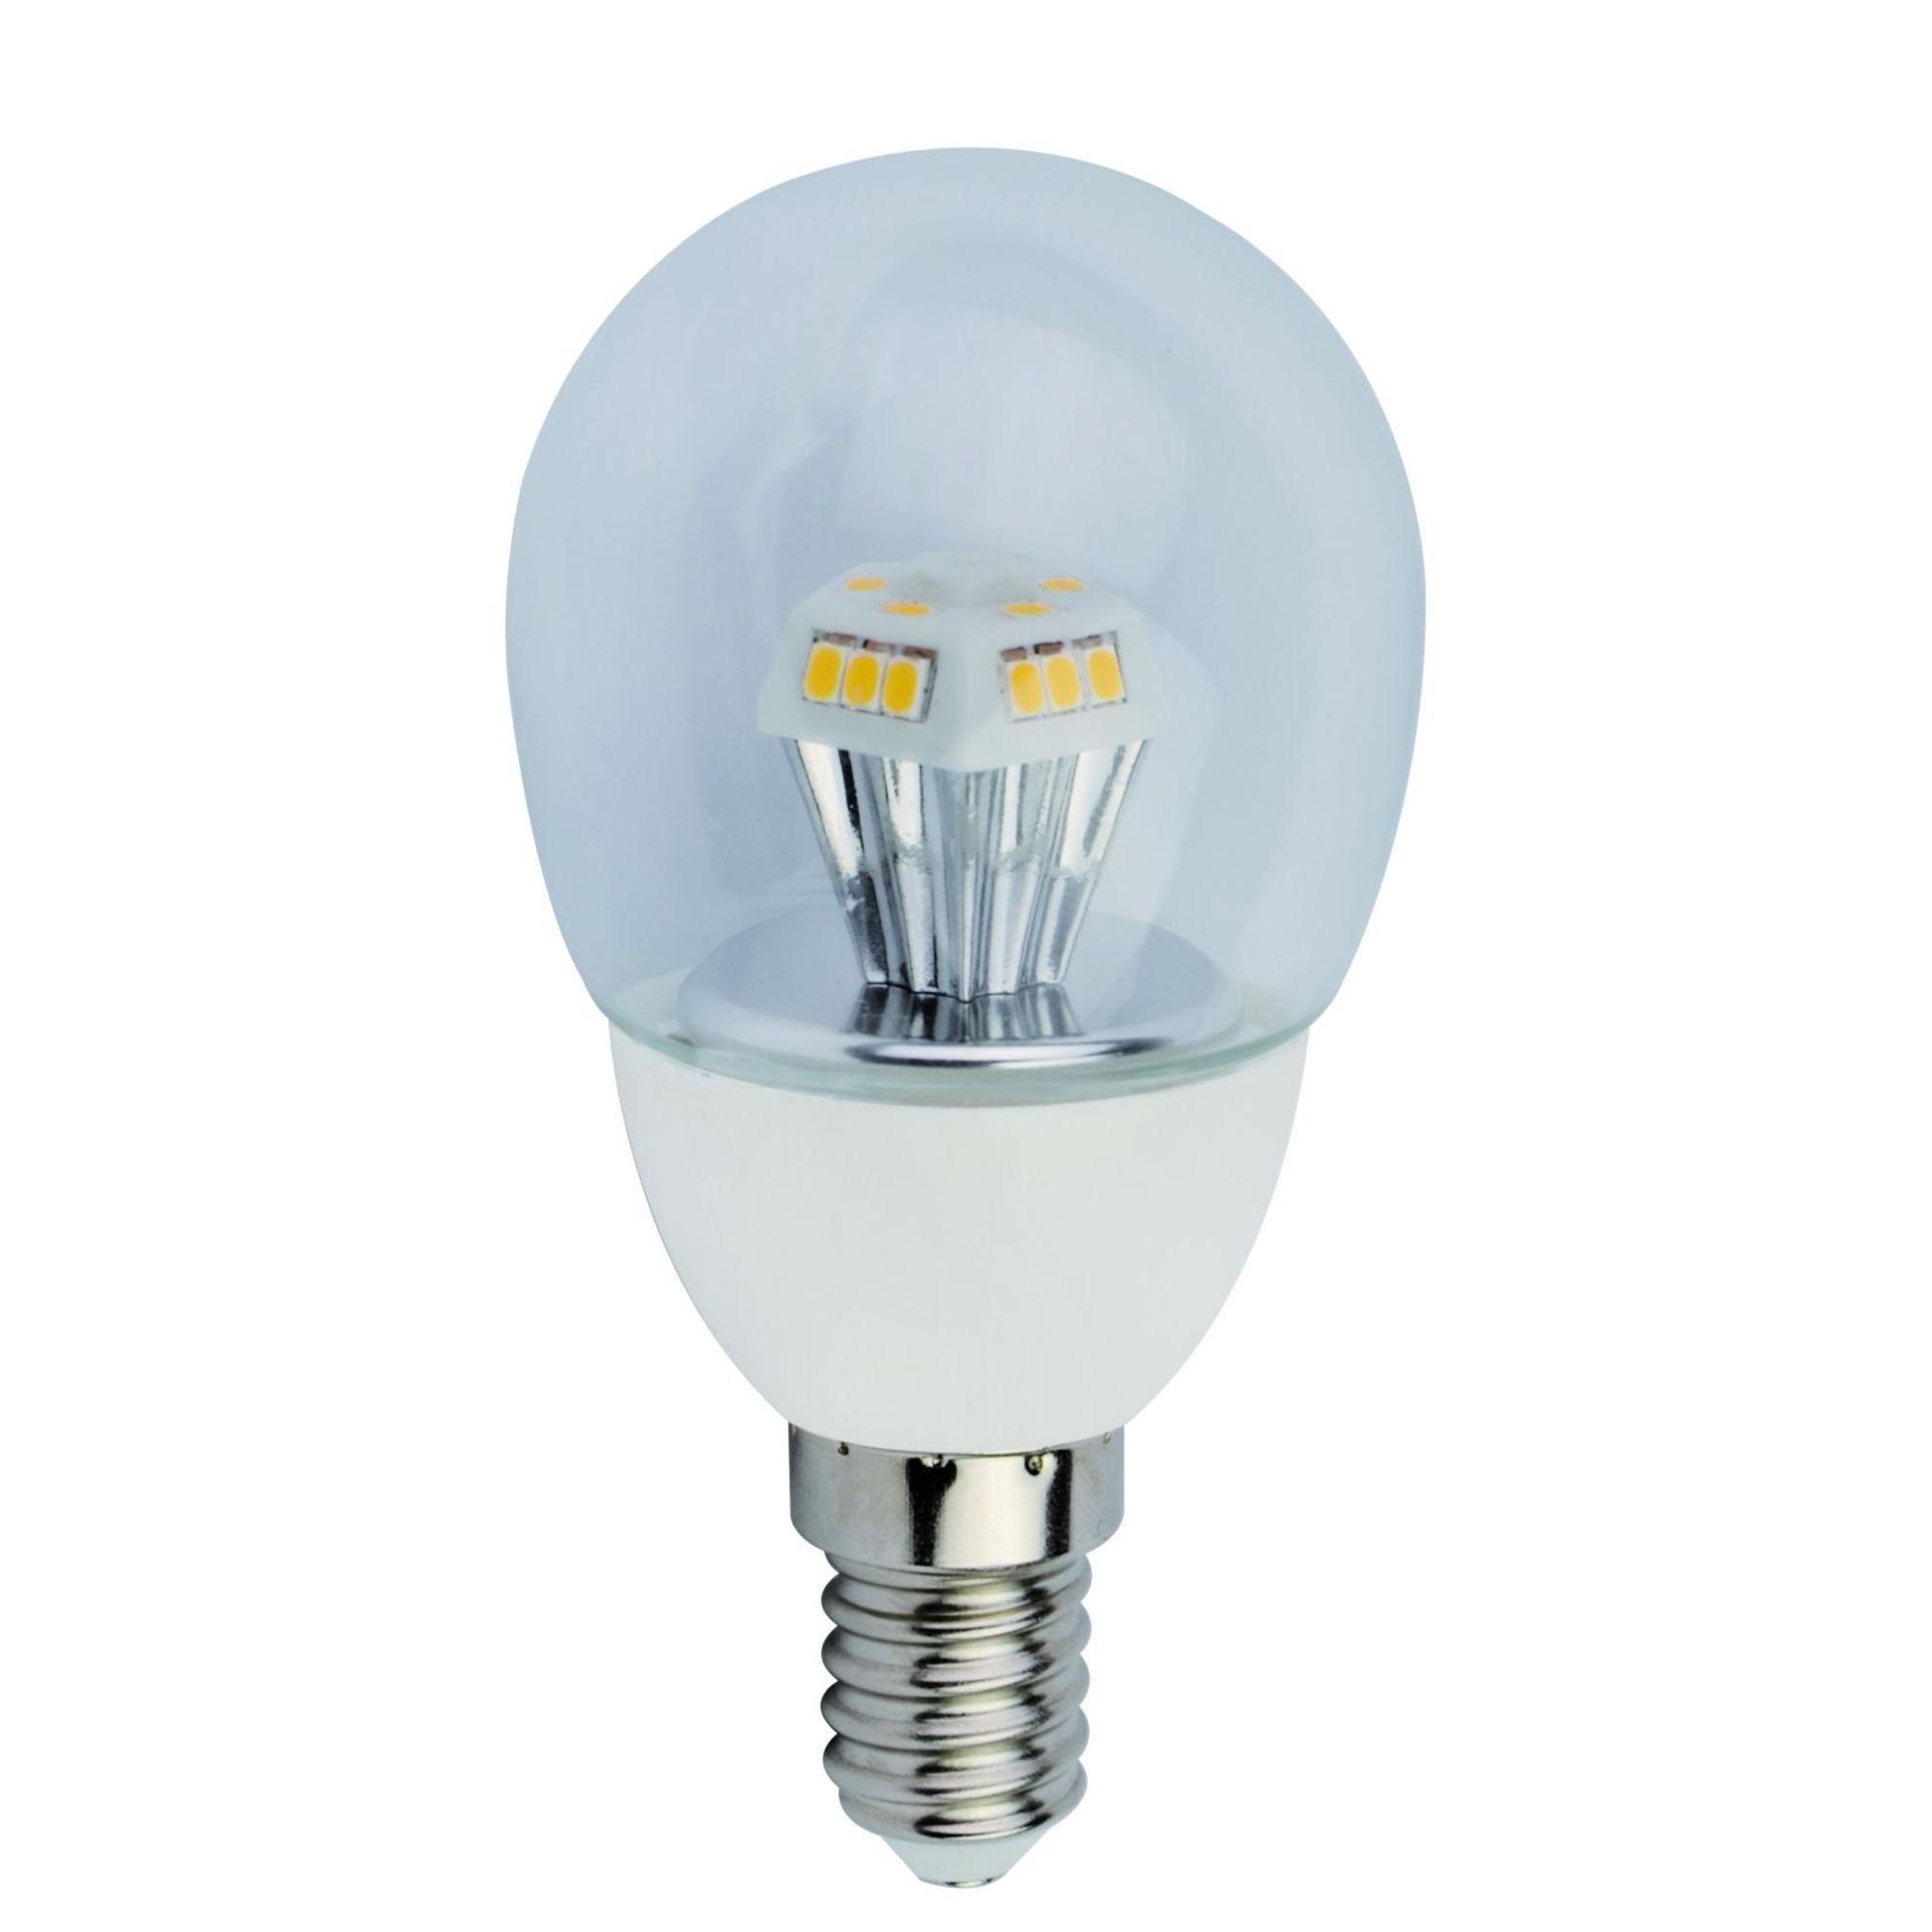 Лампа Ecola стандарт светодионая E14 4.20 Вт шар 336 Лм теплый свет